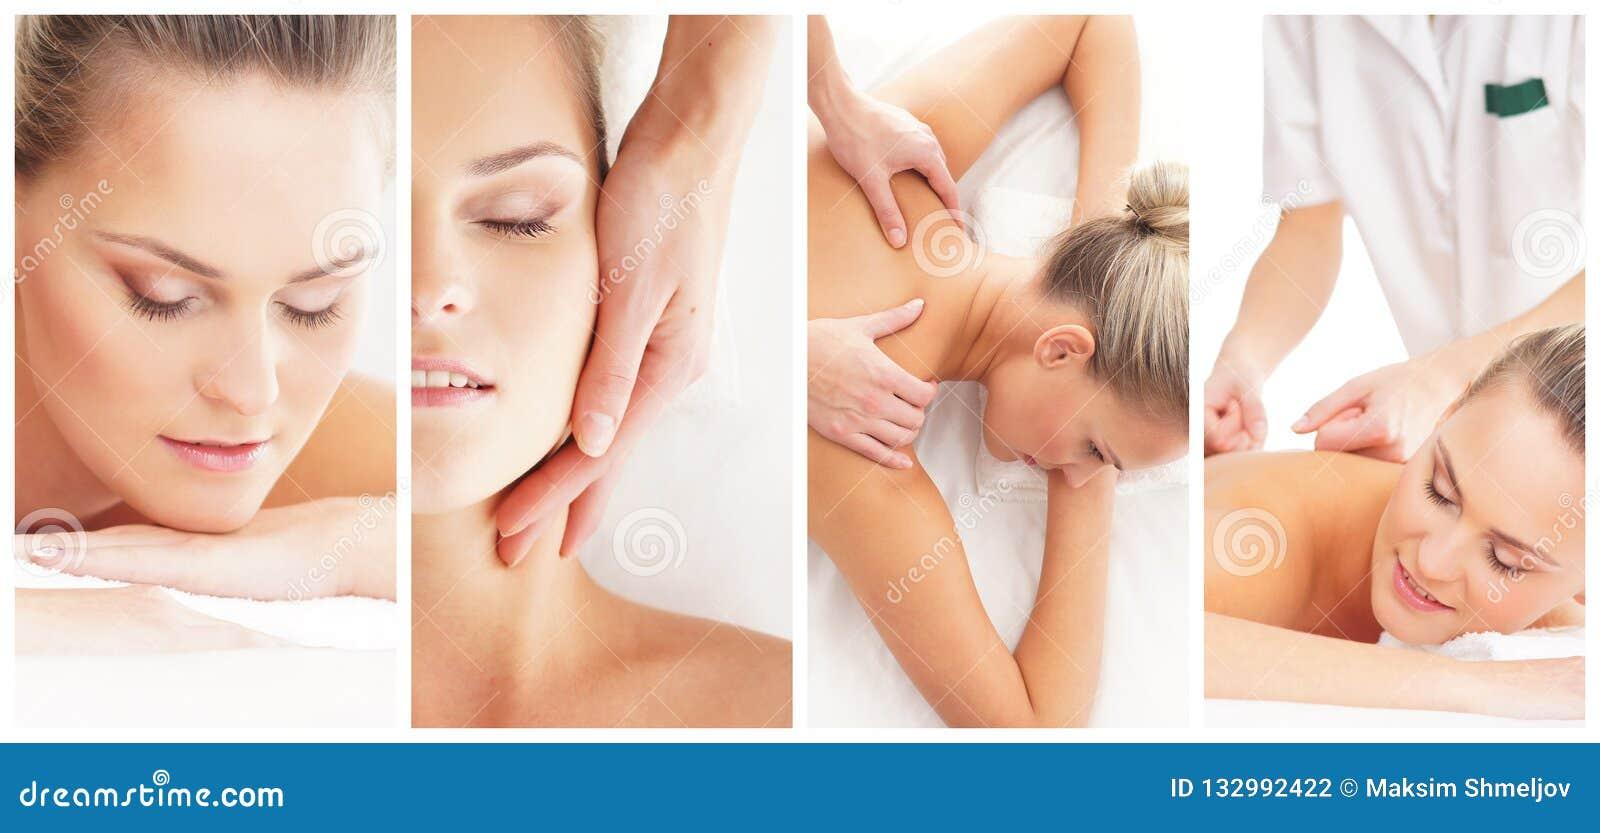 Traditionele massage en gezondheidszorgbehandeling in kuuroord Jonge, mooie en gezonde meisjes die recreatietherapie hebben